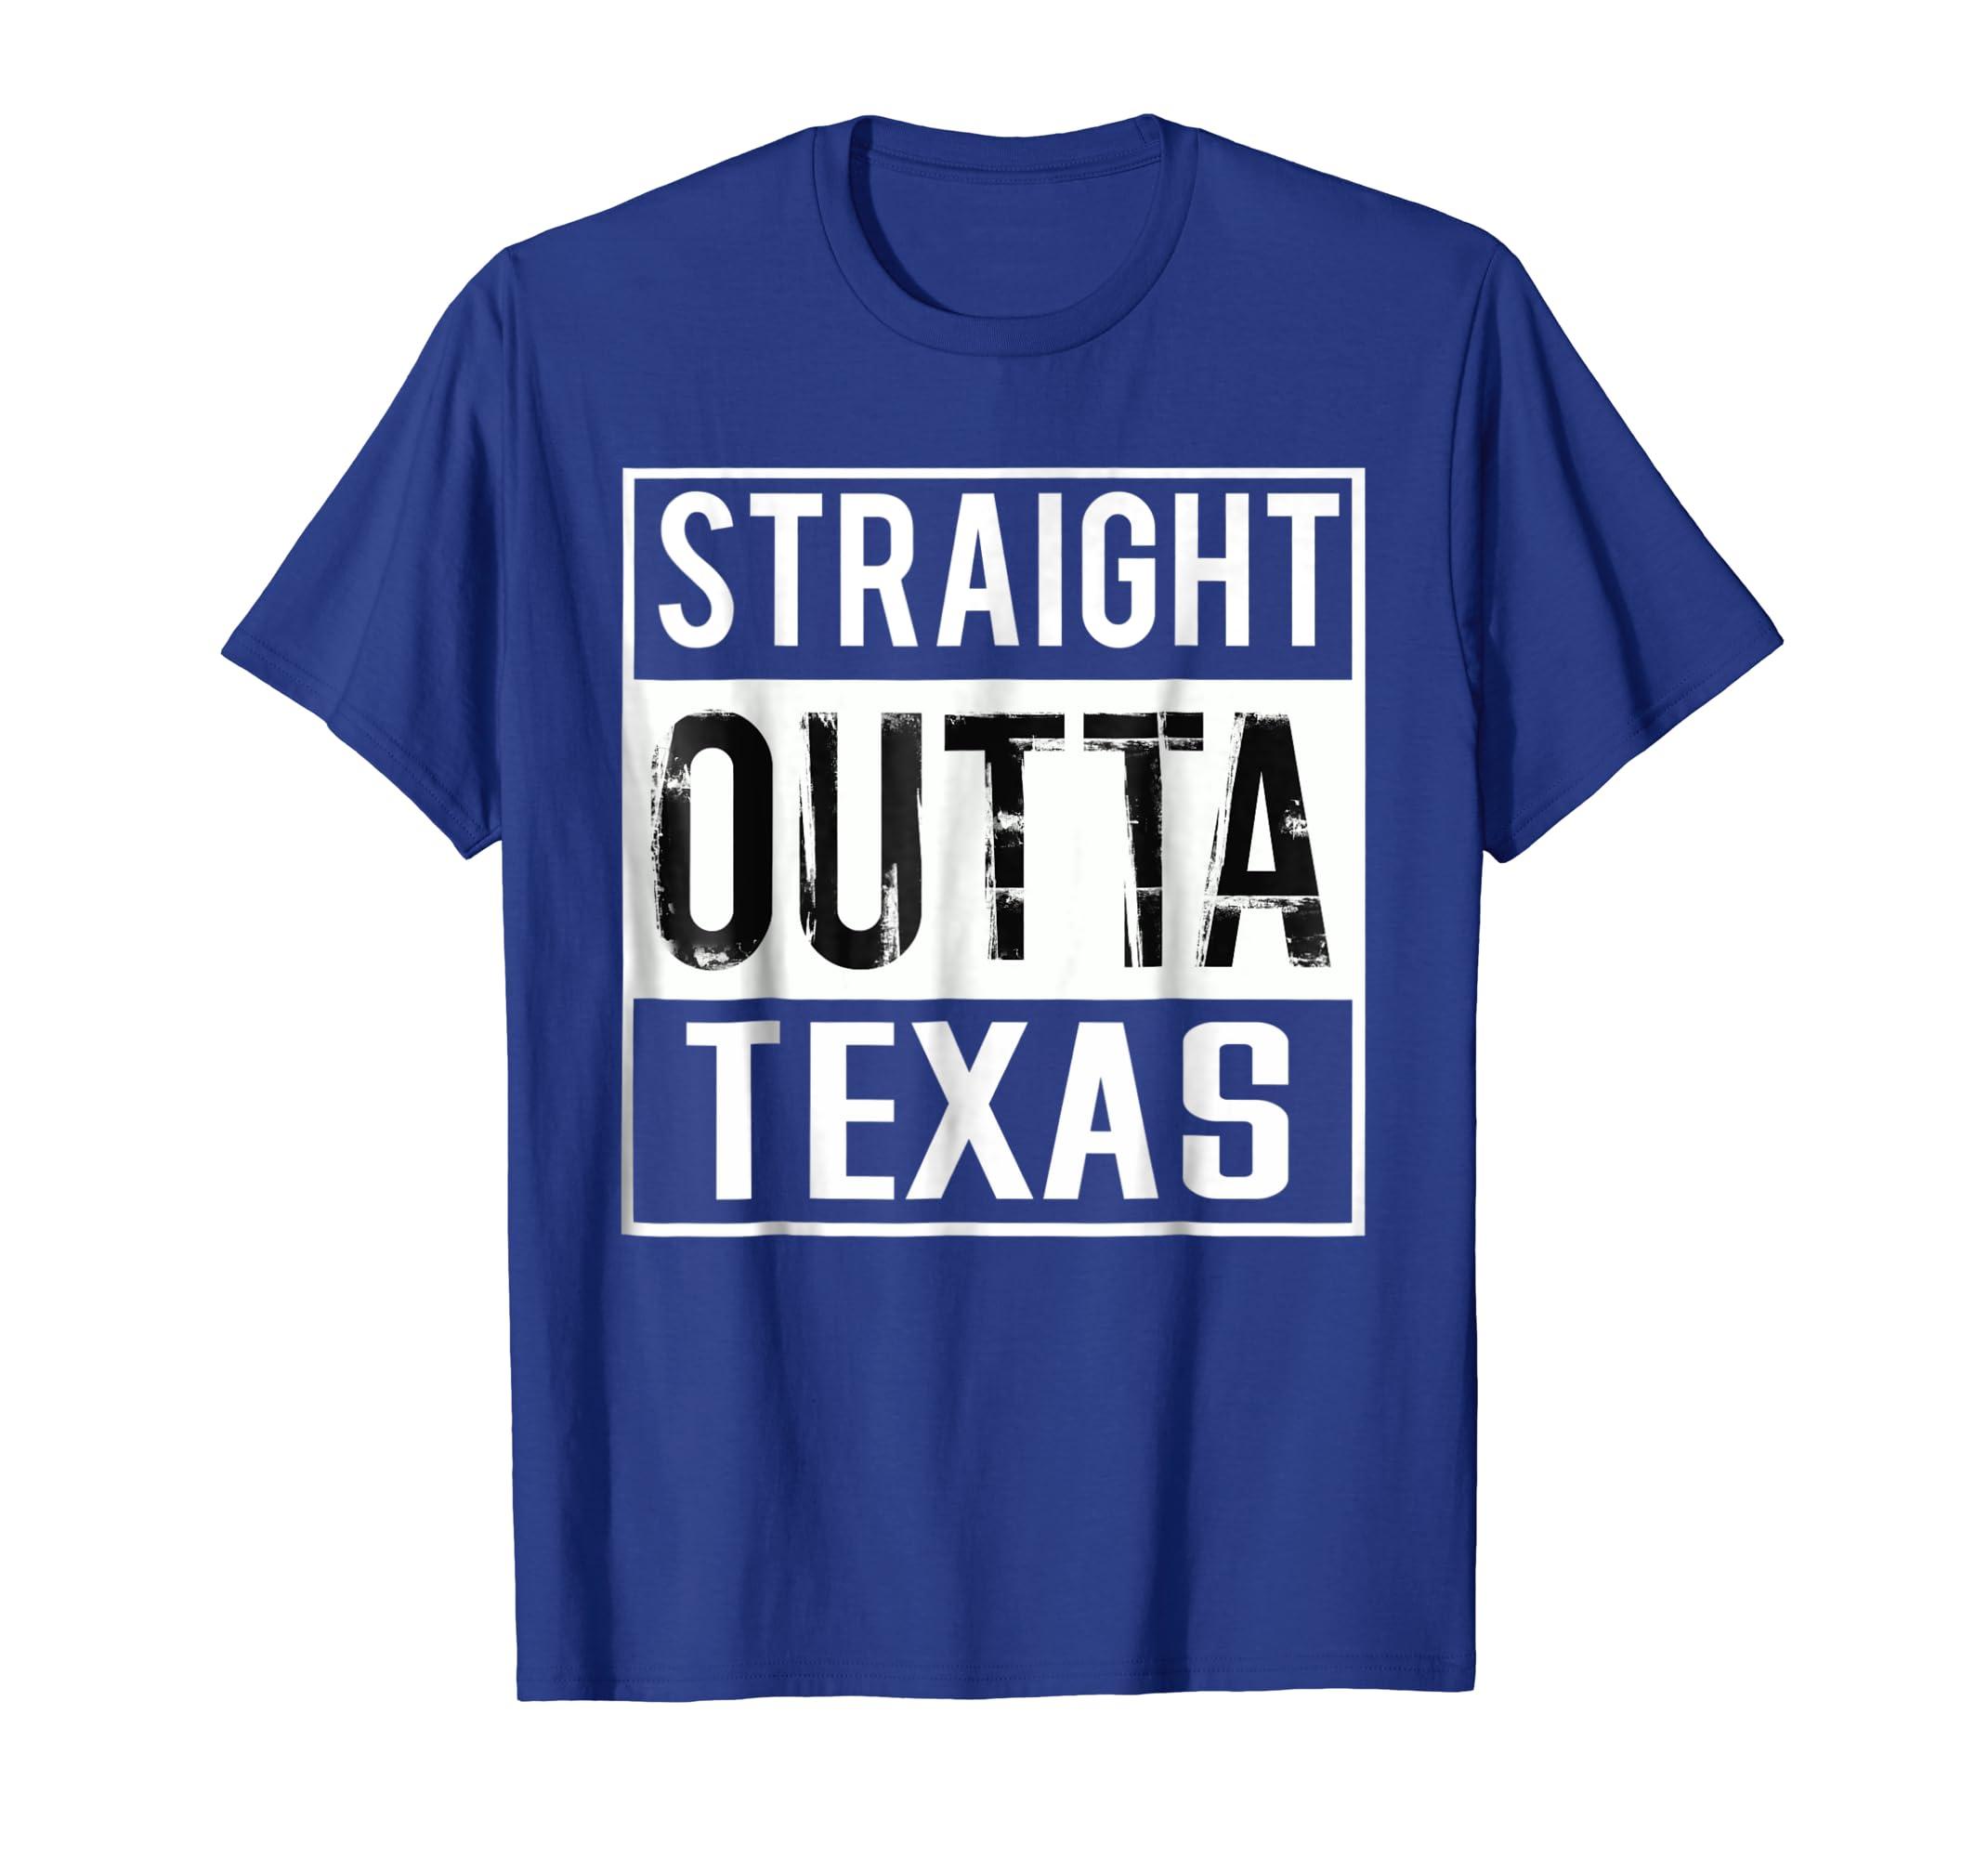 df1e47ca561 Straight Outta Texas Shirt Texas T-Shirt-mt - Mugartshop